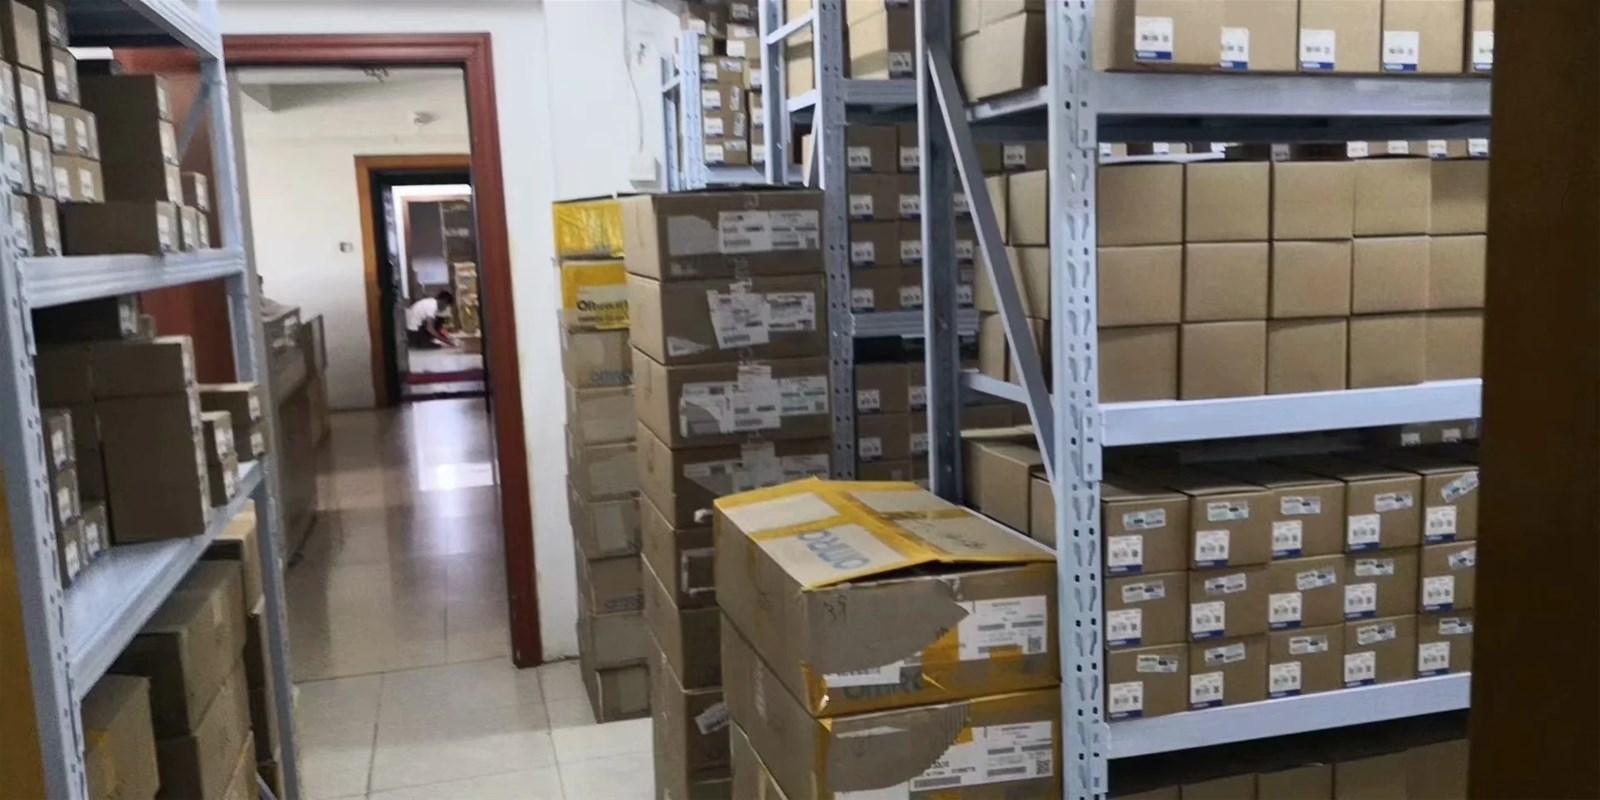 Omron Photomicro Sensors EESX670 EESX671A SX672P SX673R 674 WR